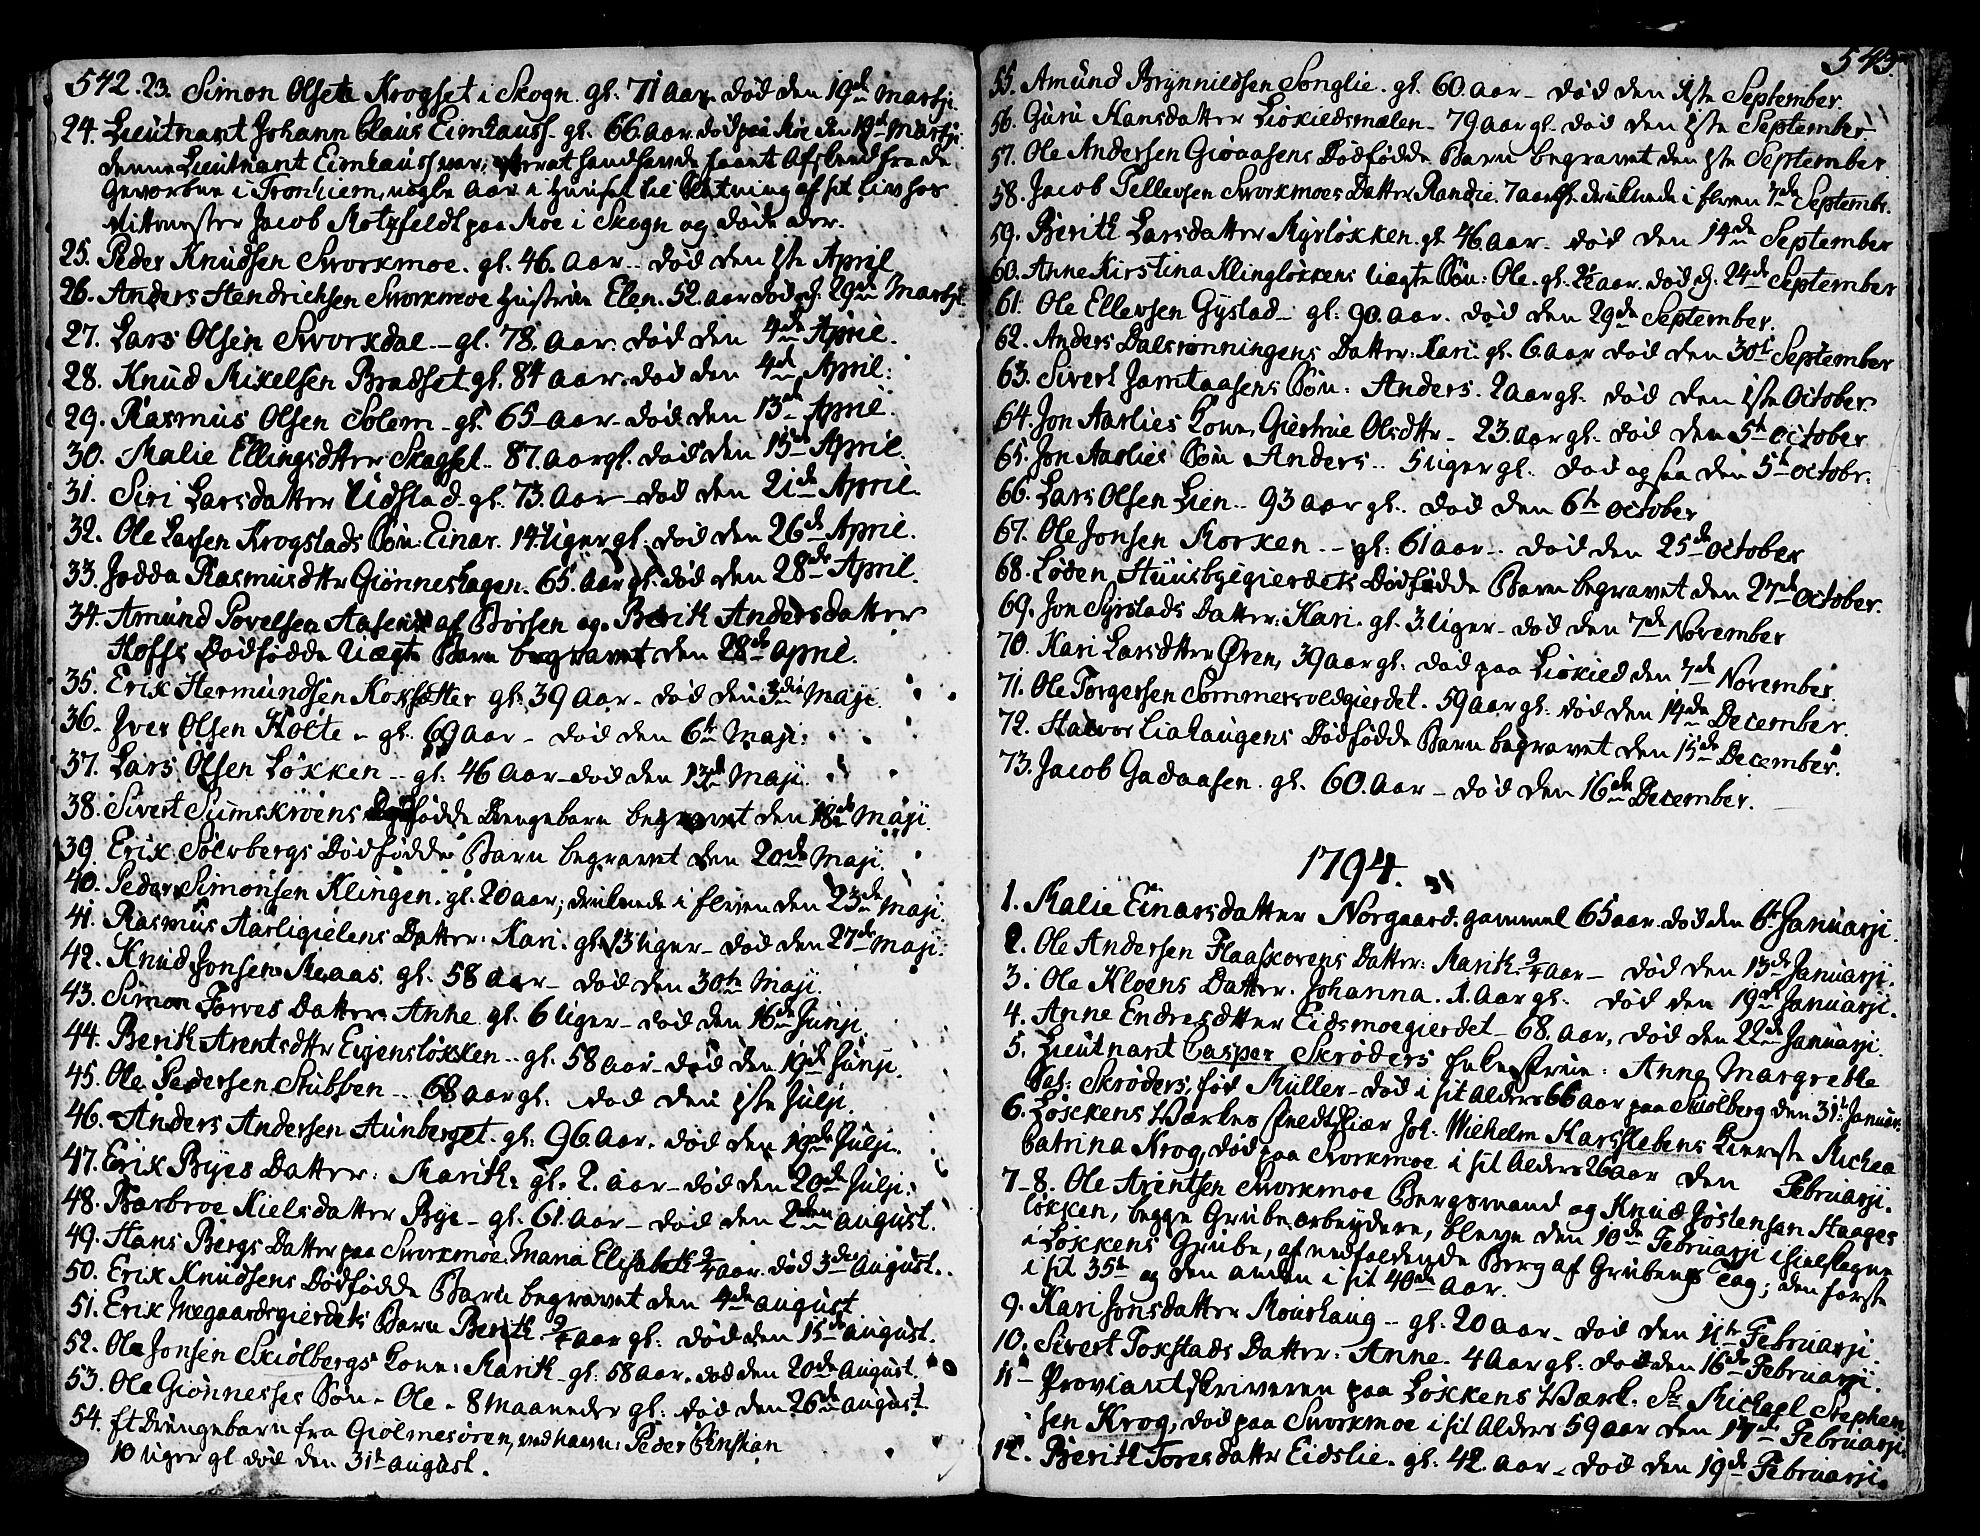 SAT, Ministerialprotokoller, klokkerbøker og fødselsregistre - Sør-Trøndelag, 668/L0802: Ministerialbok nr. 668A02, 1776-1799, s. 542-543